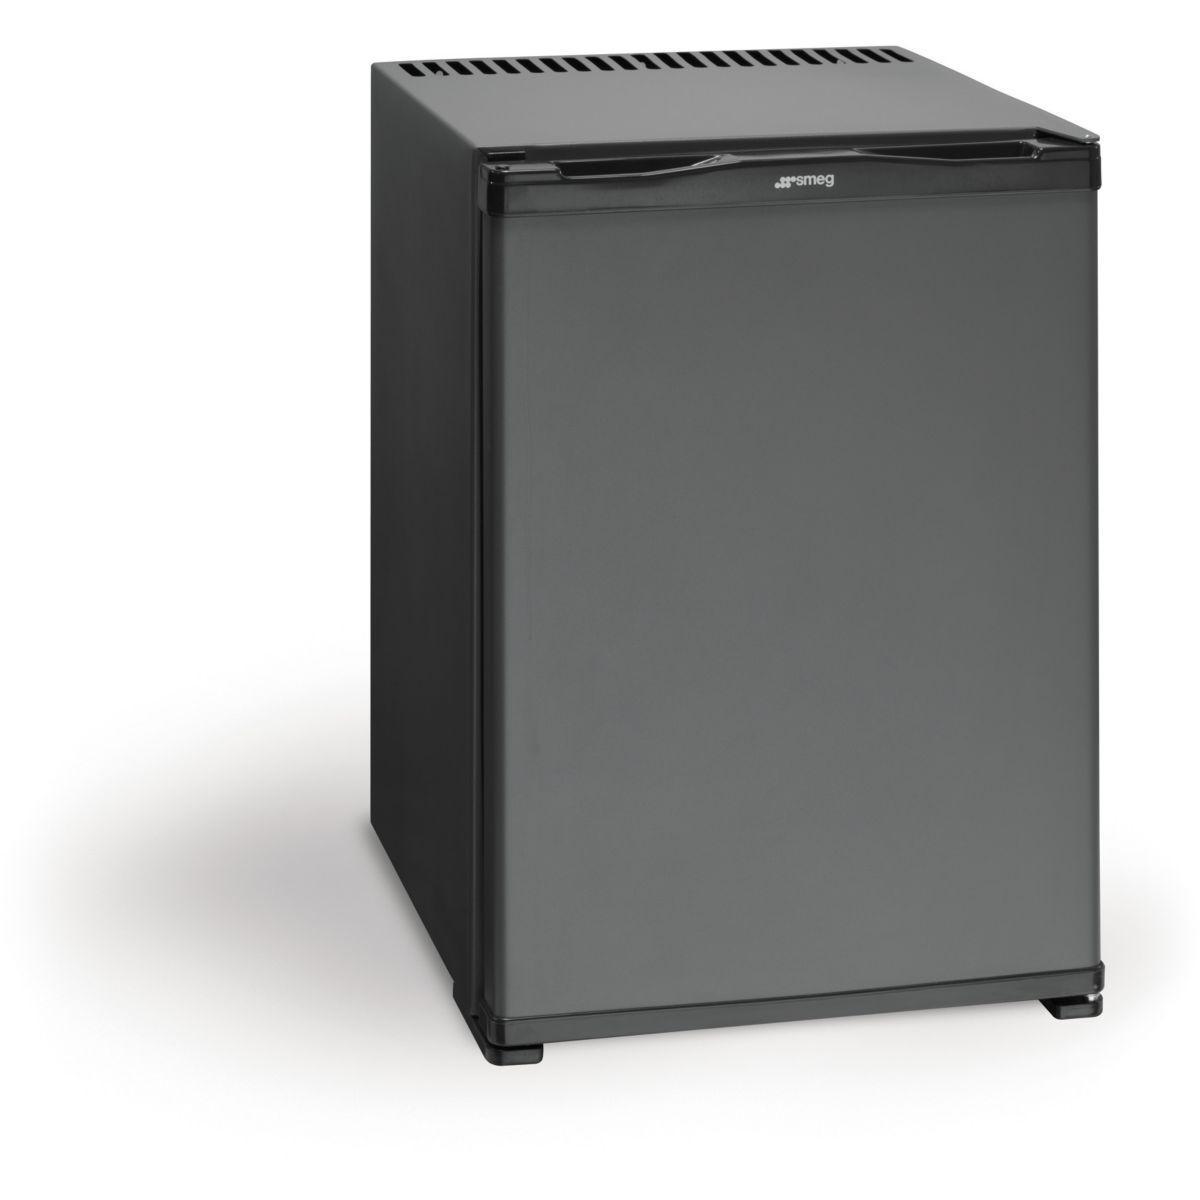 Mini réfrigérateur smeg abm 42-1 - 10% de remise immédiate avec le code : cool10